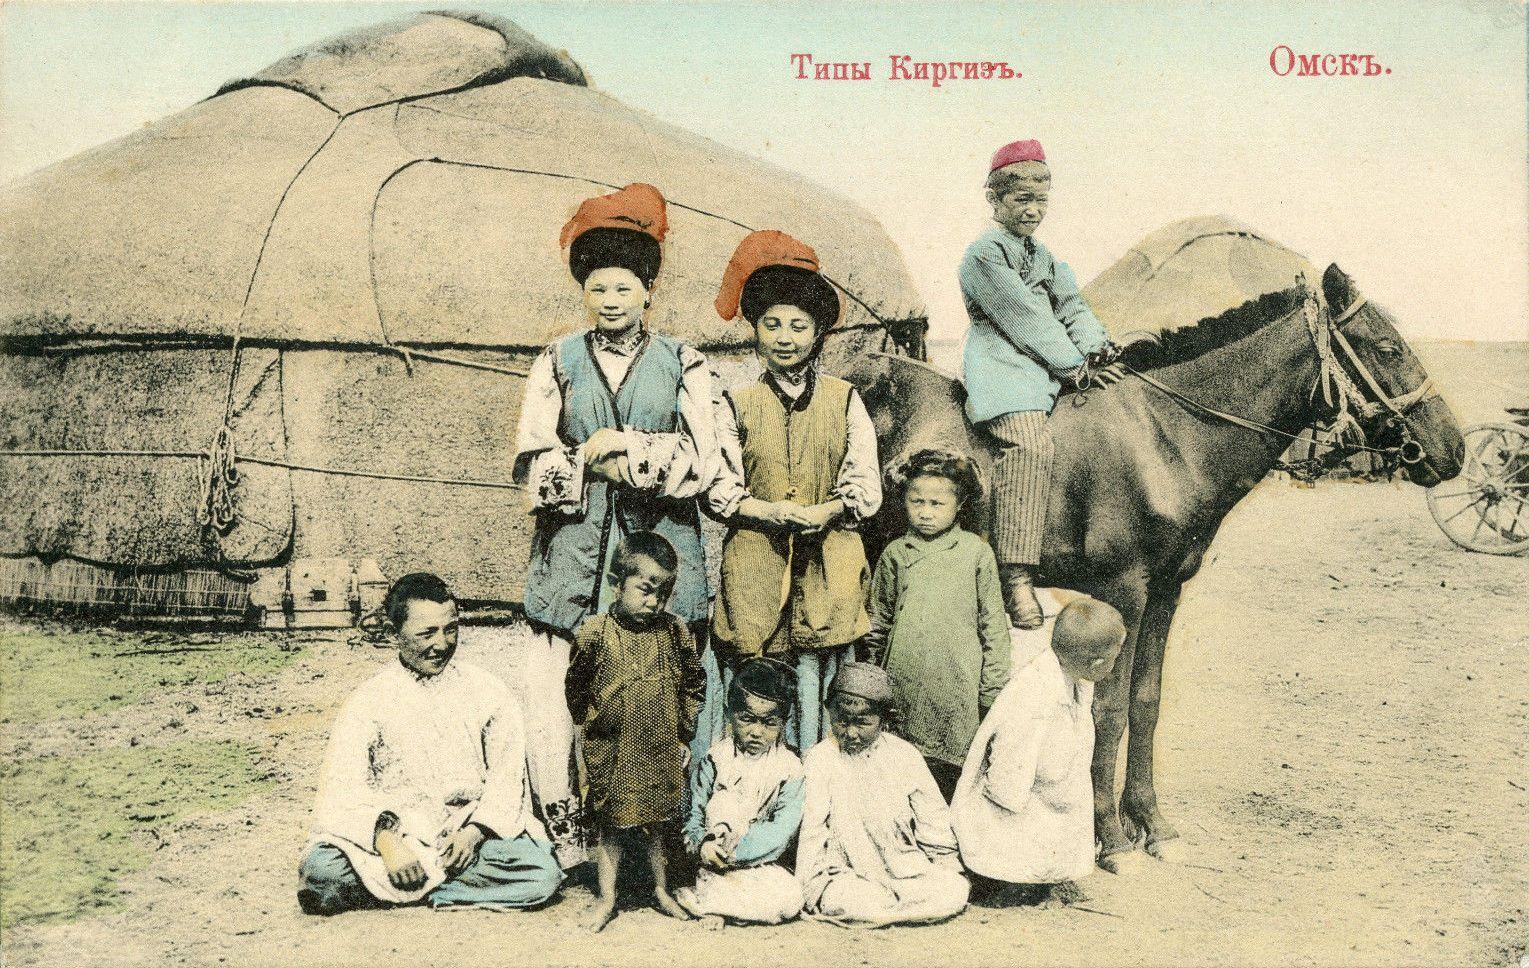 Типы киргиз3